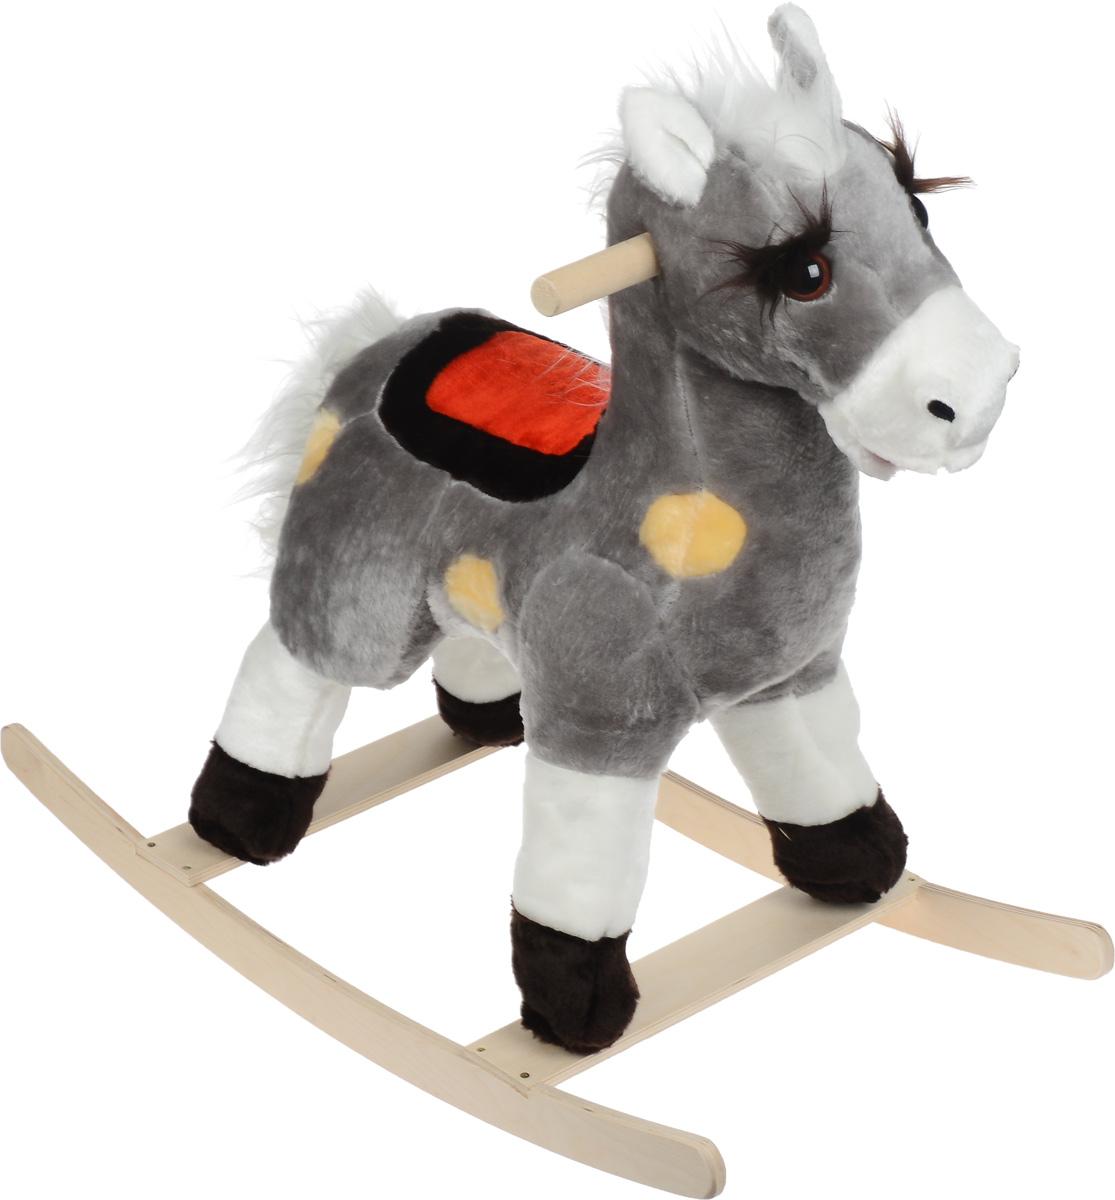 СмолТойс Игрушка-качалка Лошадь цвет серый -  Качалки